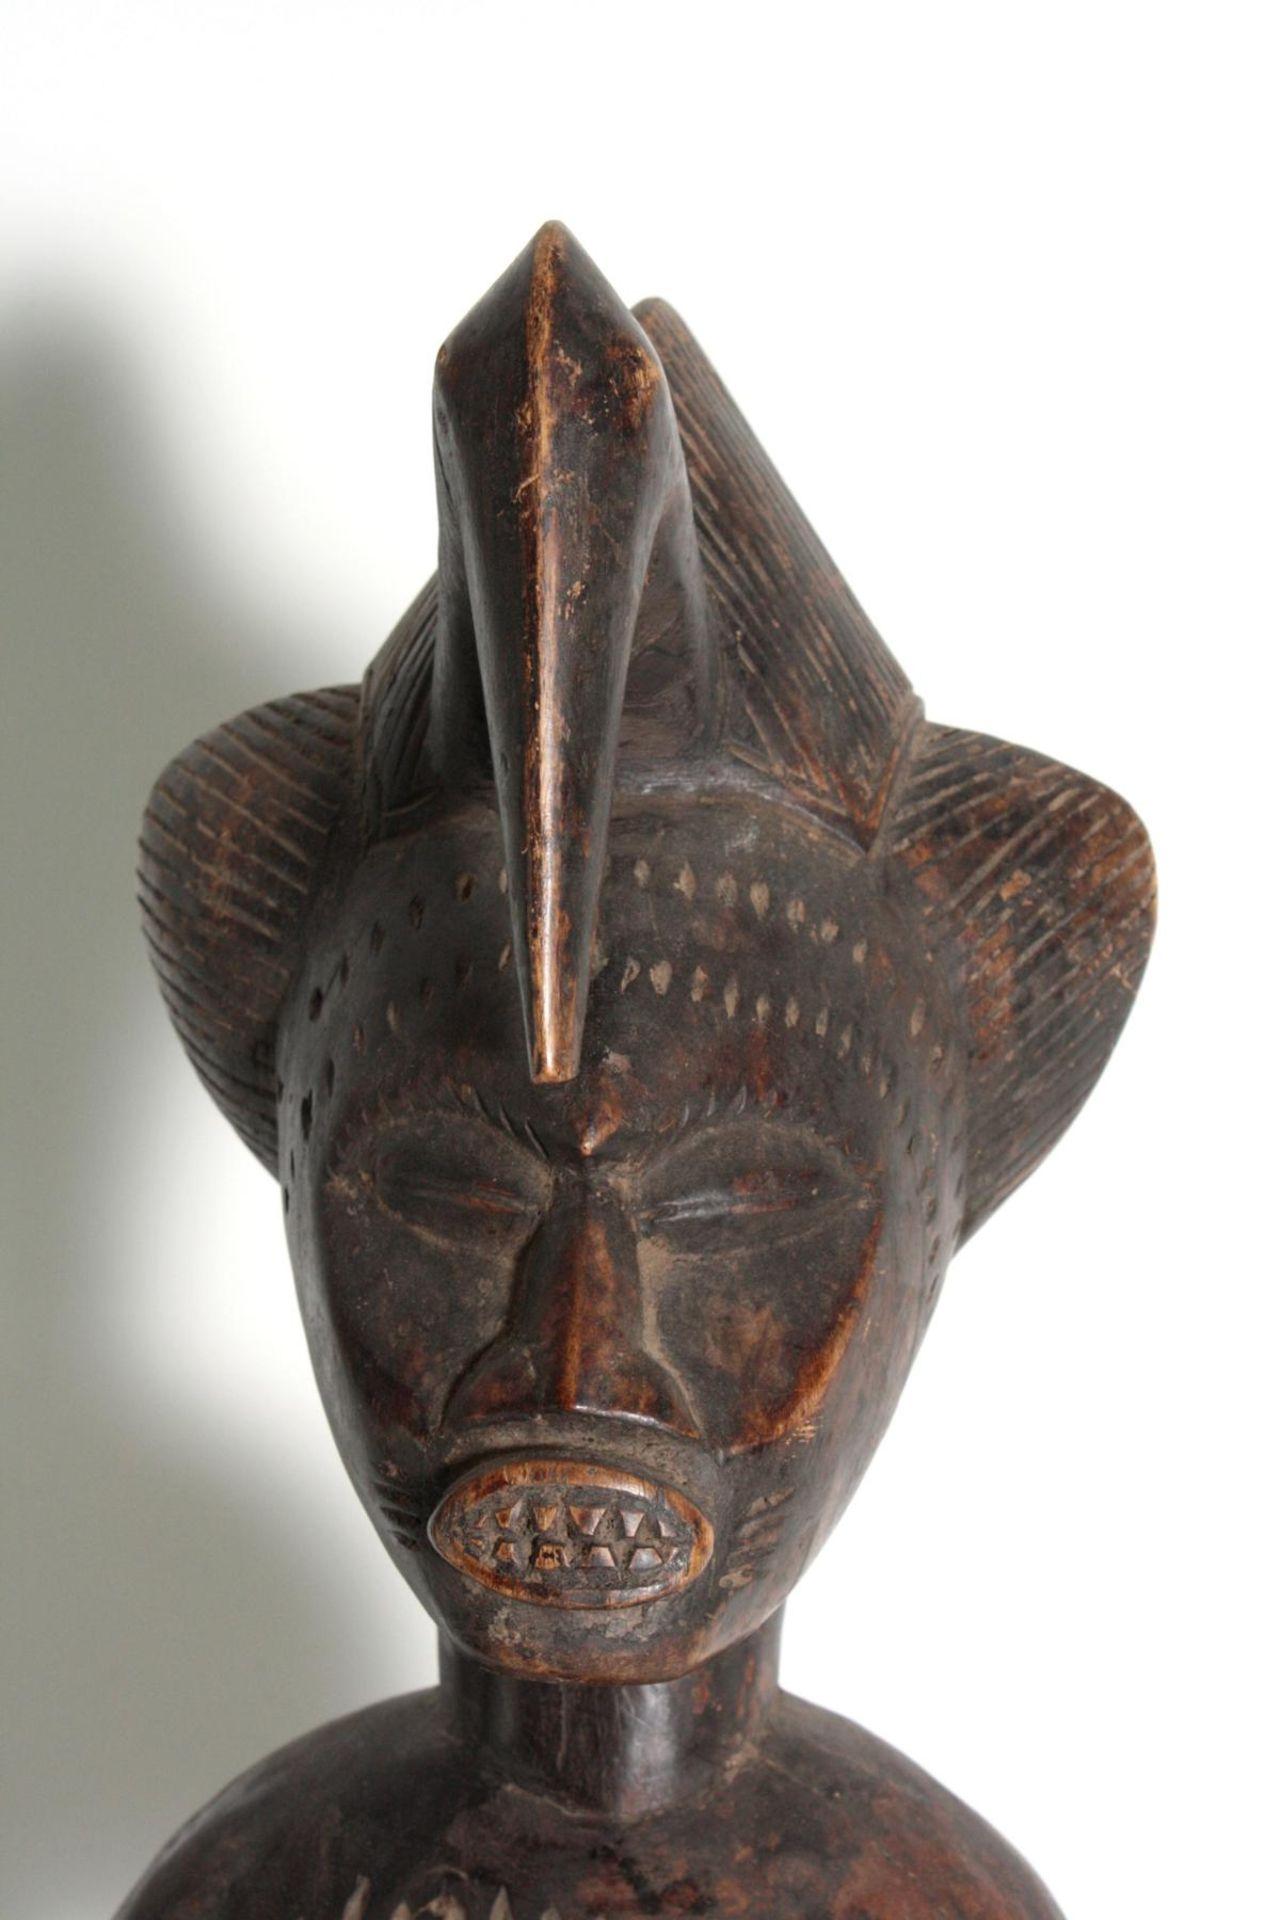 Maternité. Mutter-Kind-Figur, Senufo Elfenbeinküste, 1. Hälfte des 20. Jahrhunderts - Bild 2 aus 6